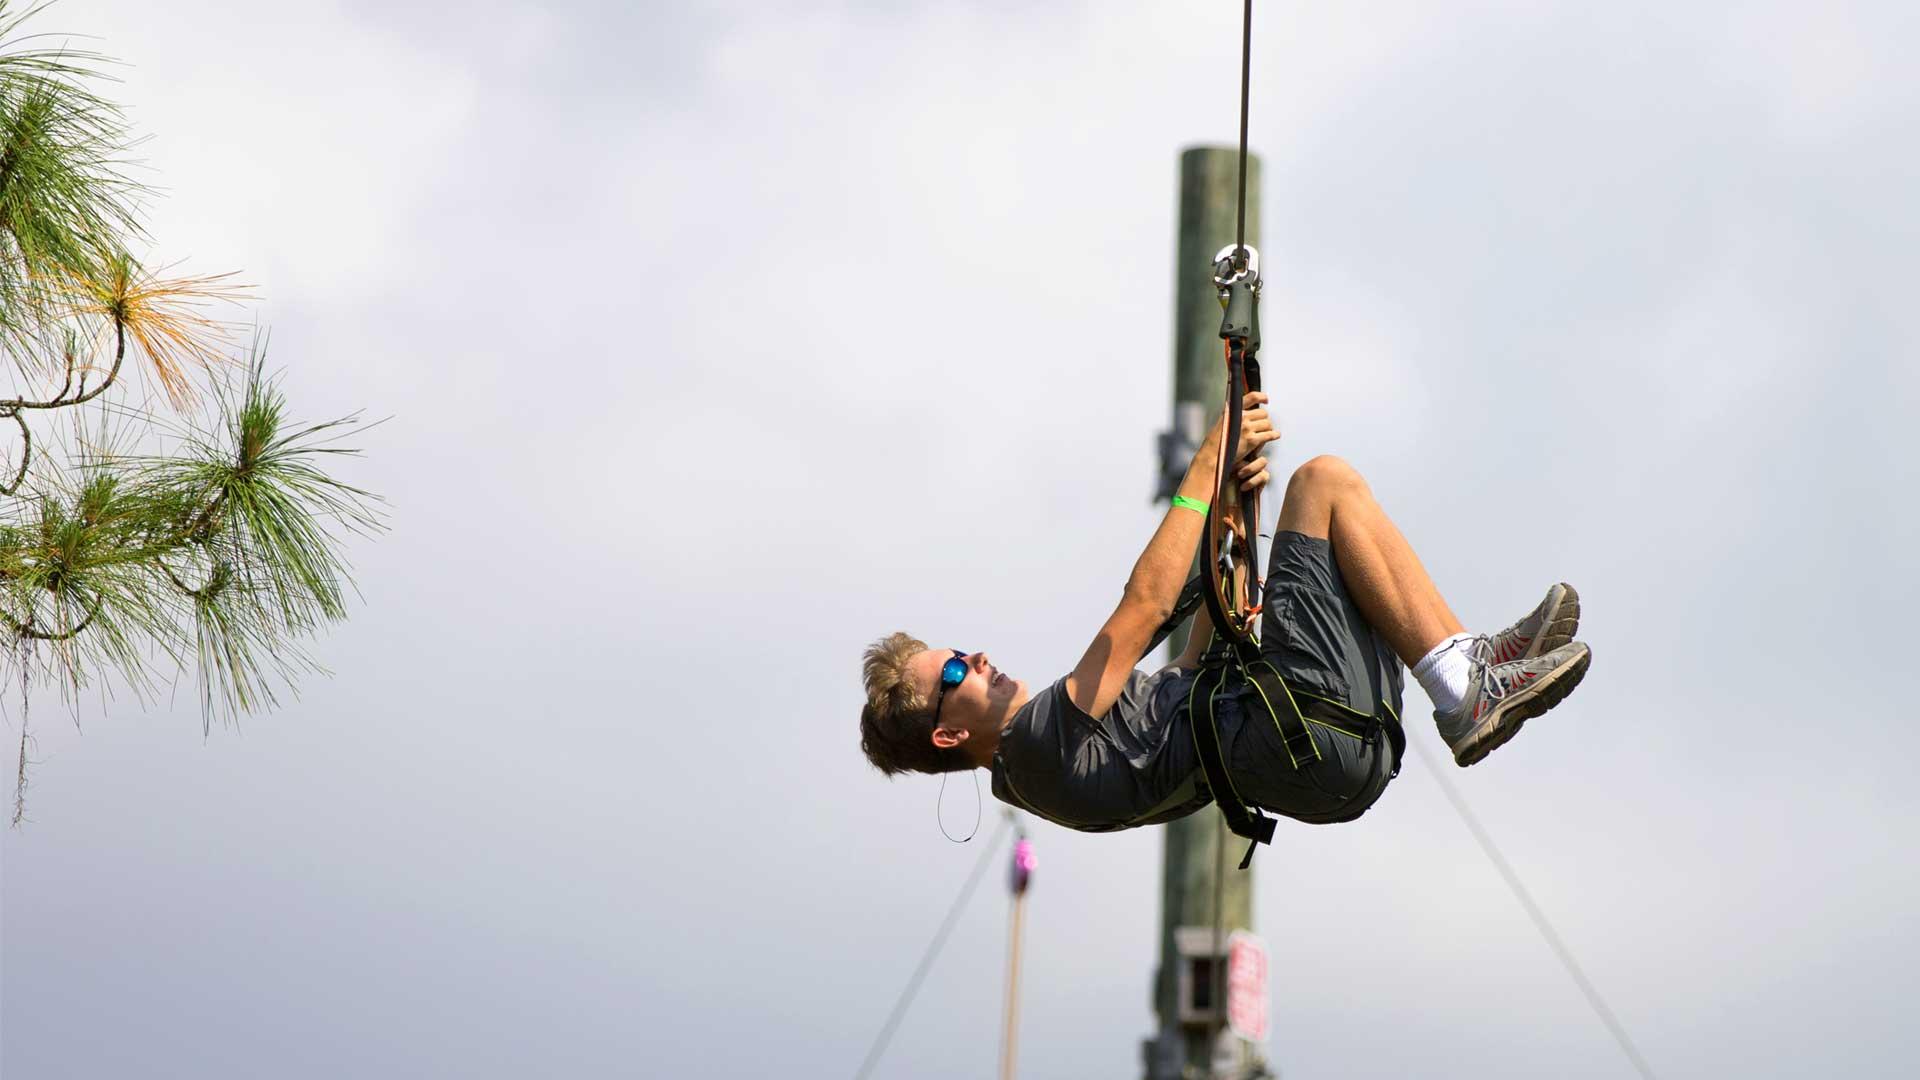 zipline-upside-down.jpg